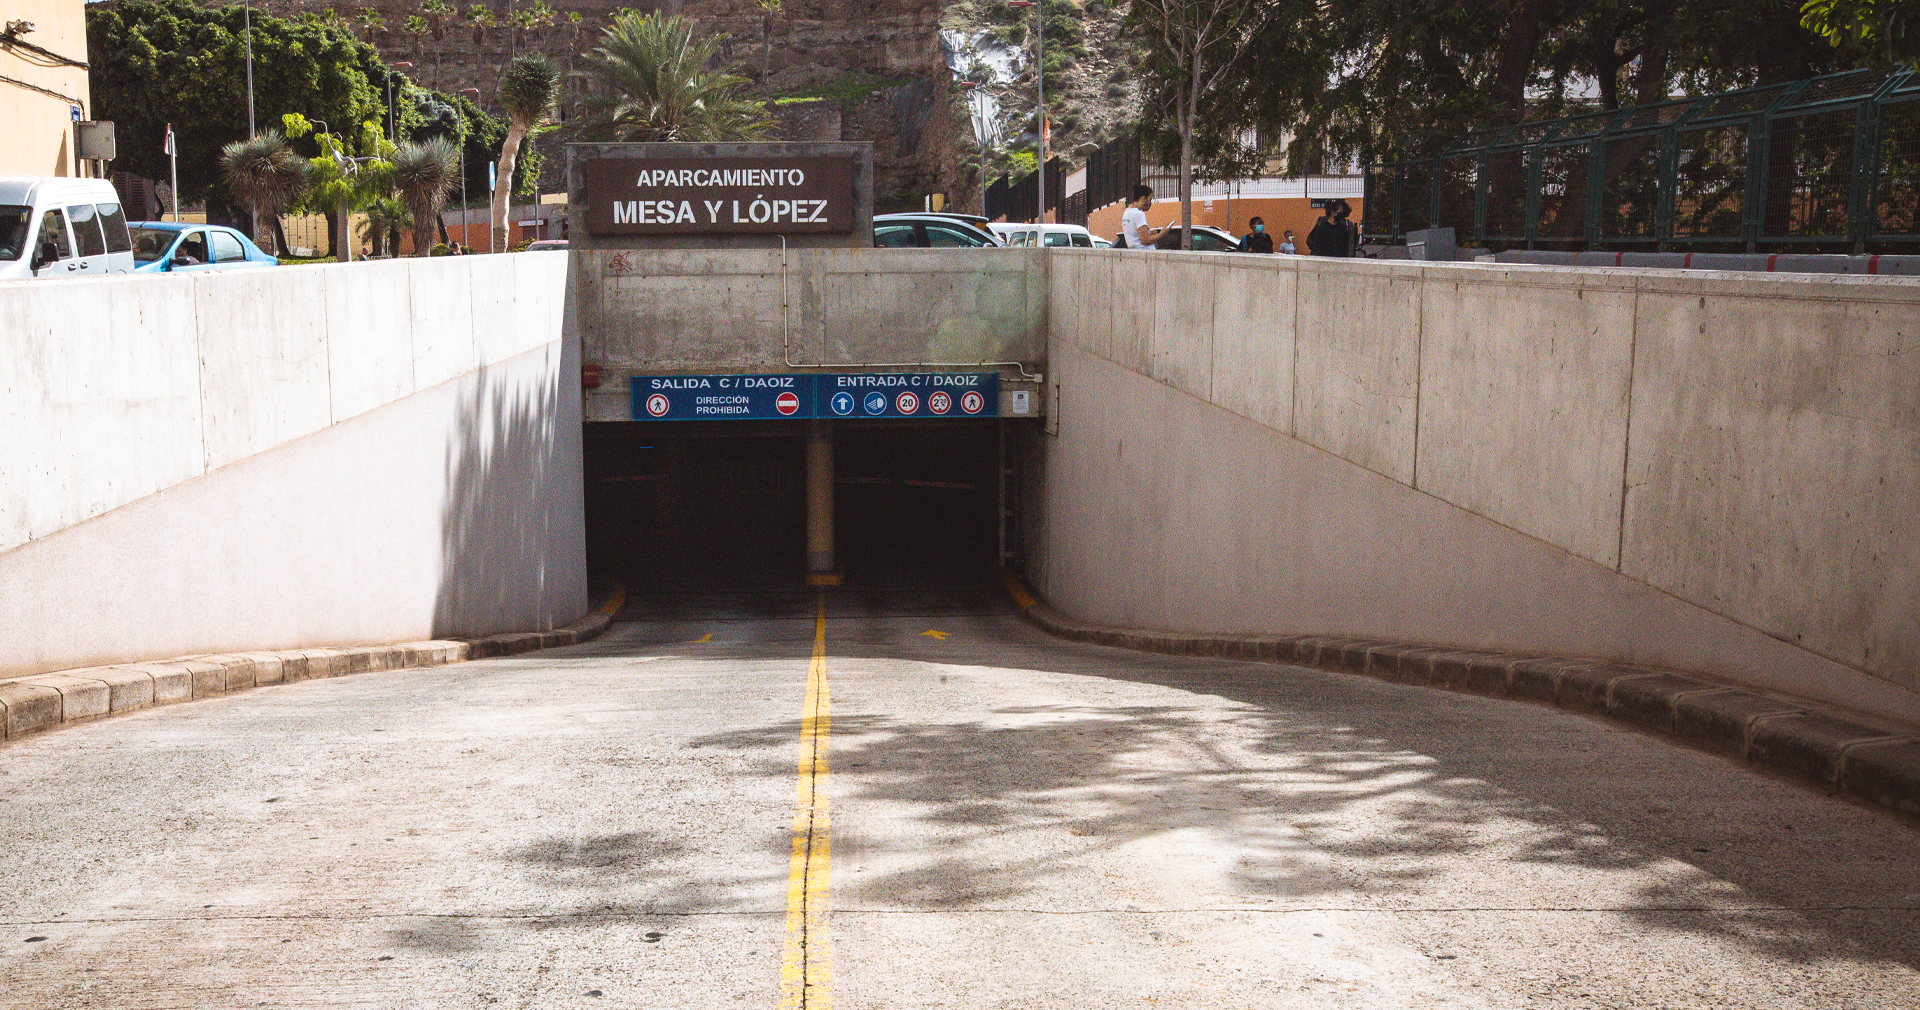 Parking Mesa y López